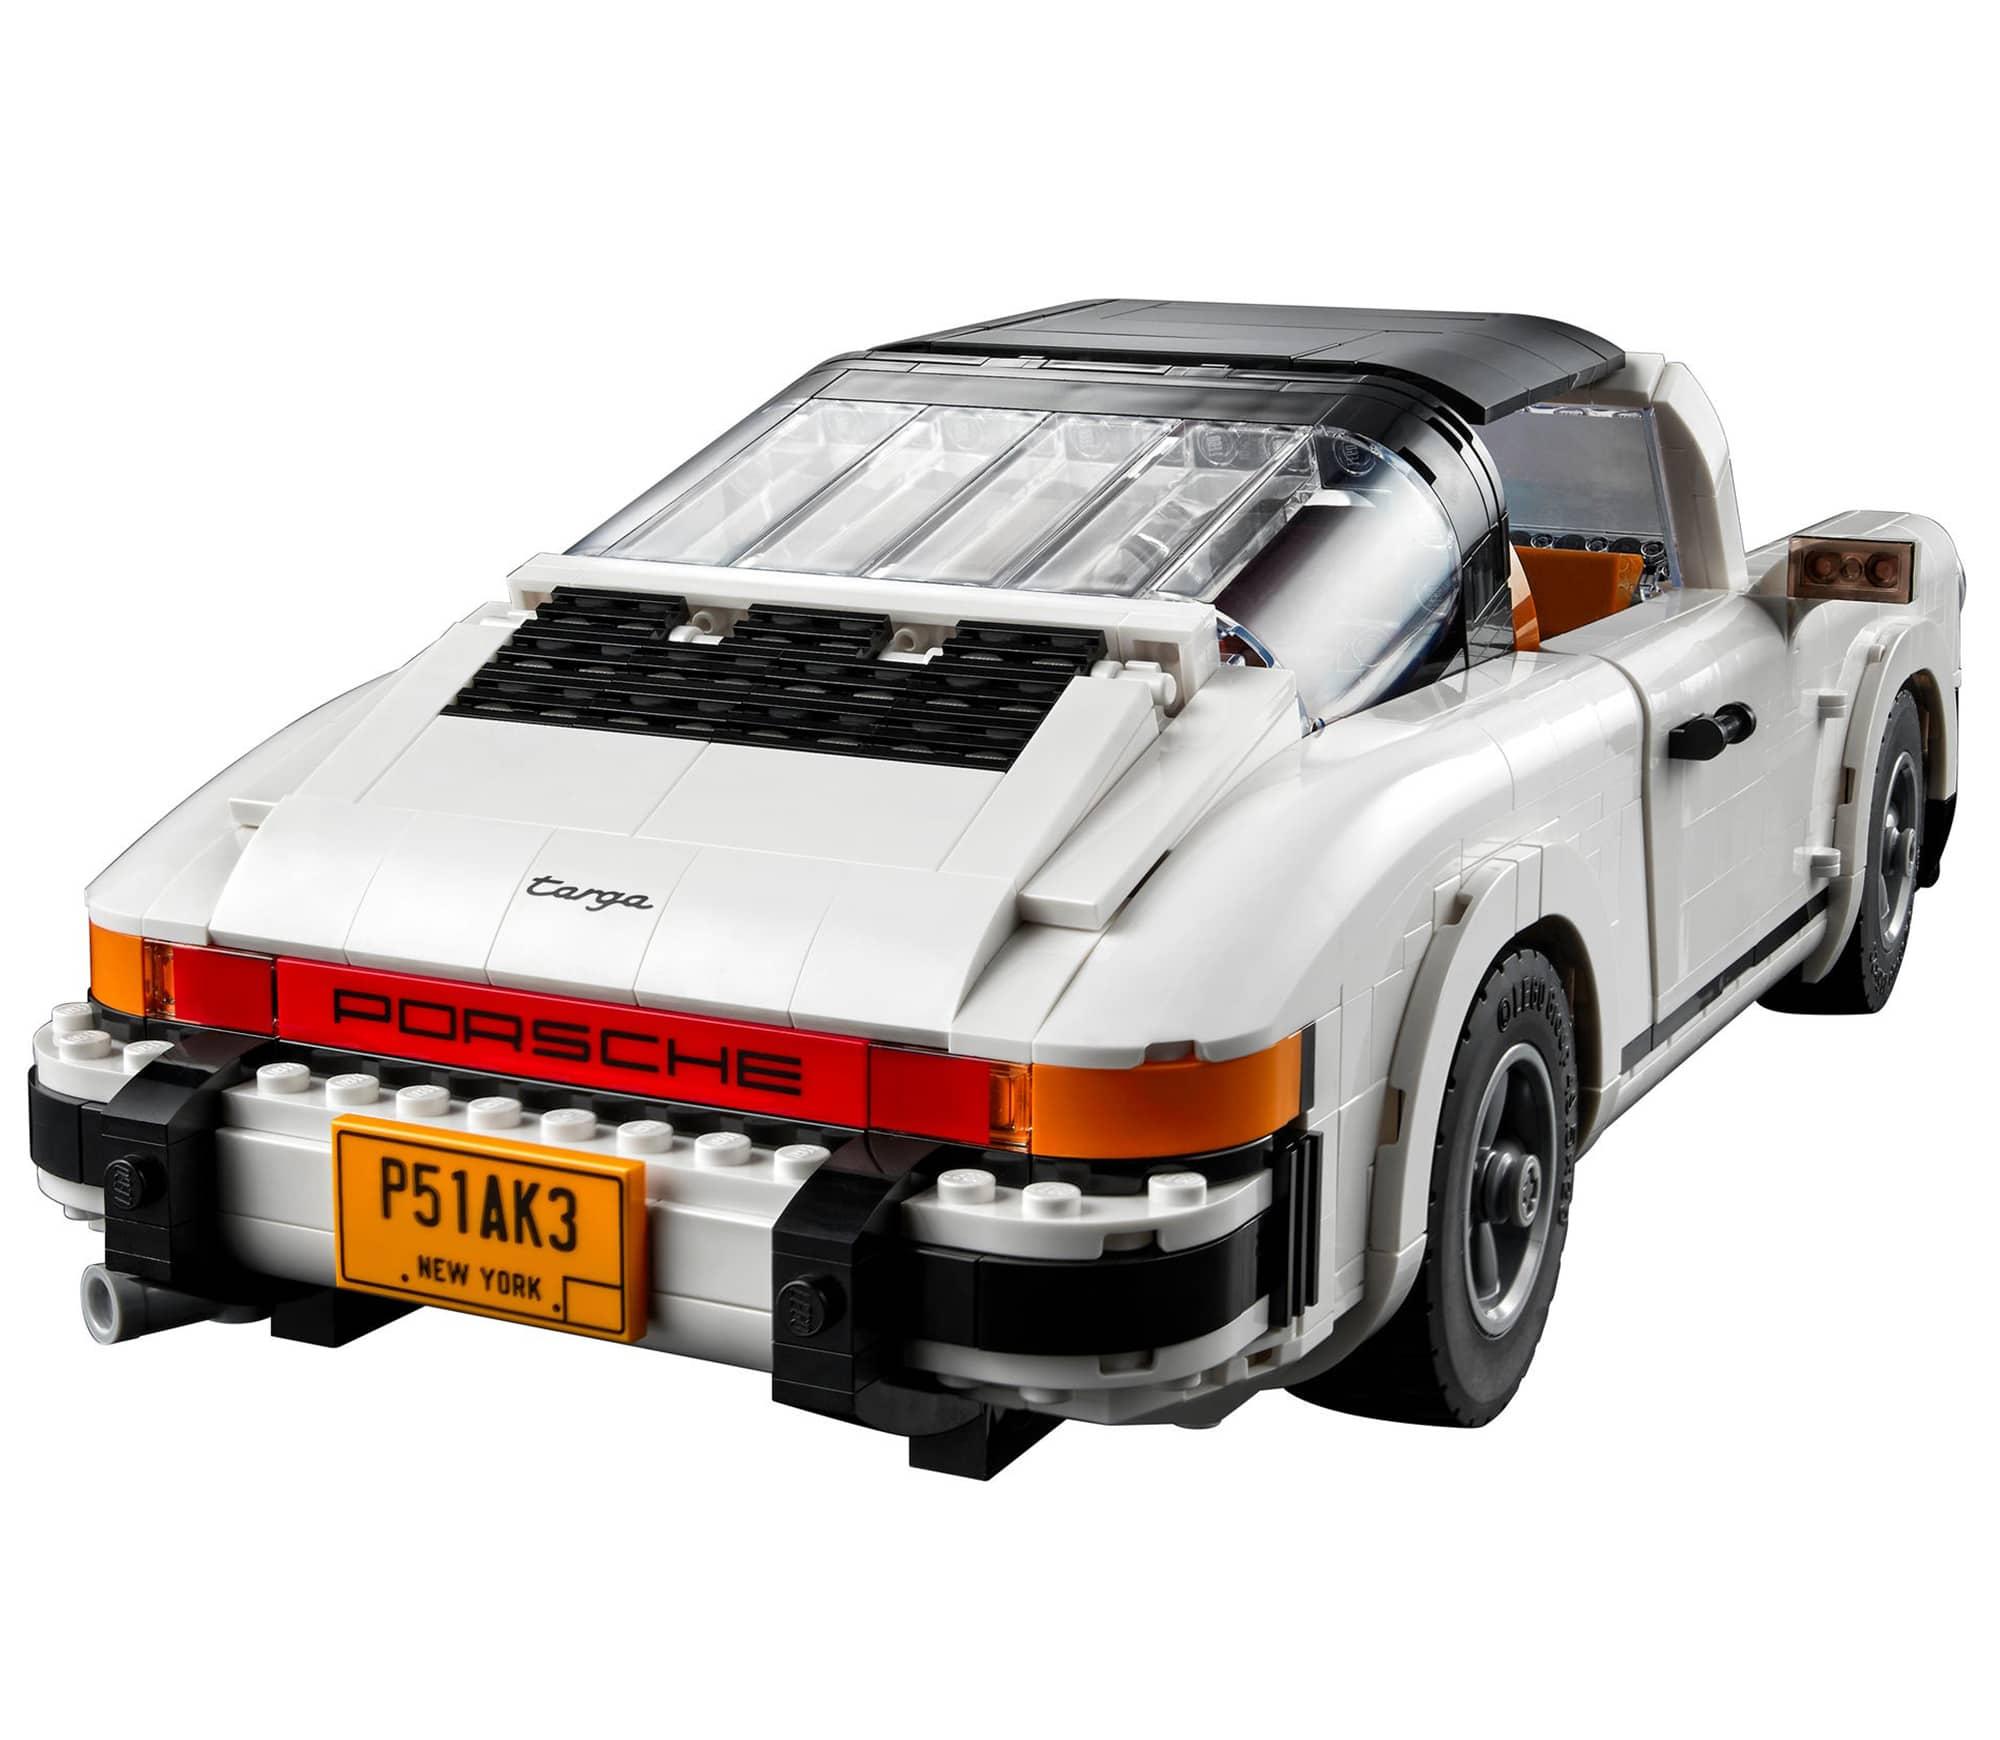 LEGO 10295 Porsche 911 Targa Rueckseite